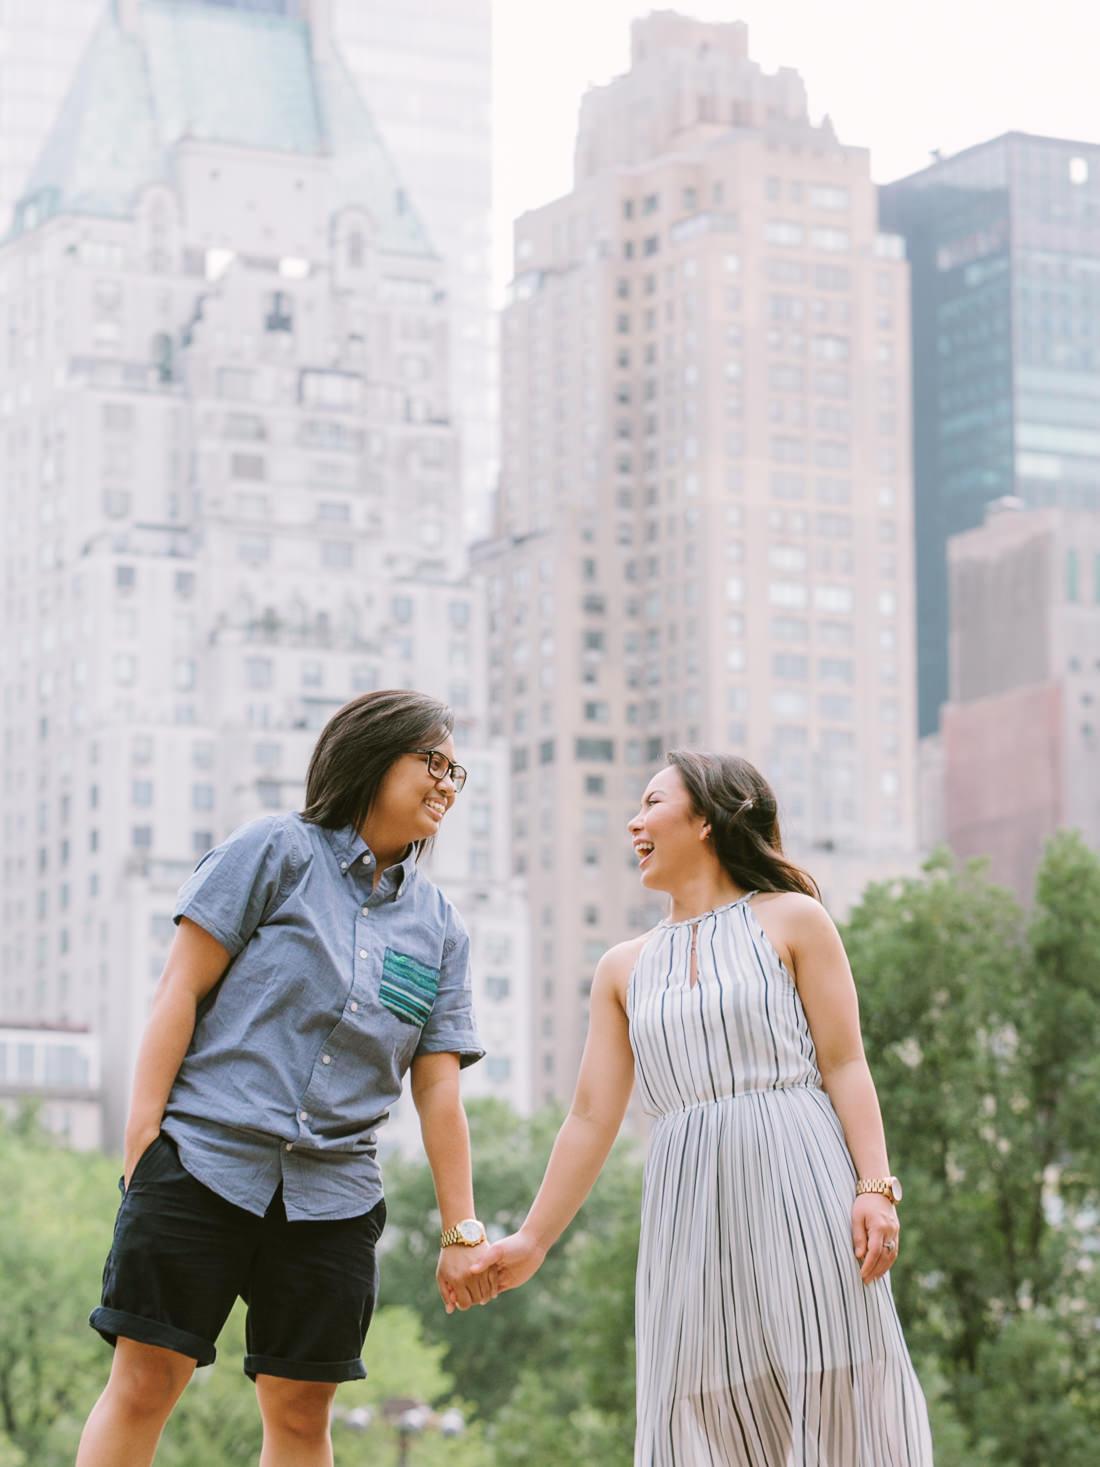 NYC-engagement-photography-by-Tanya-Isaeva-25.jpg